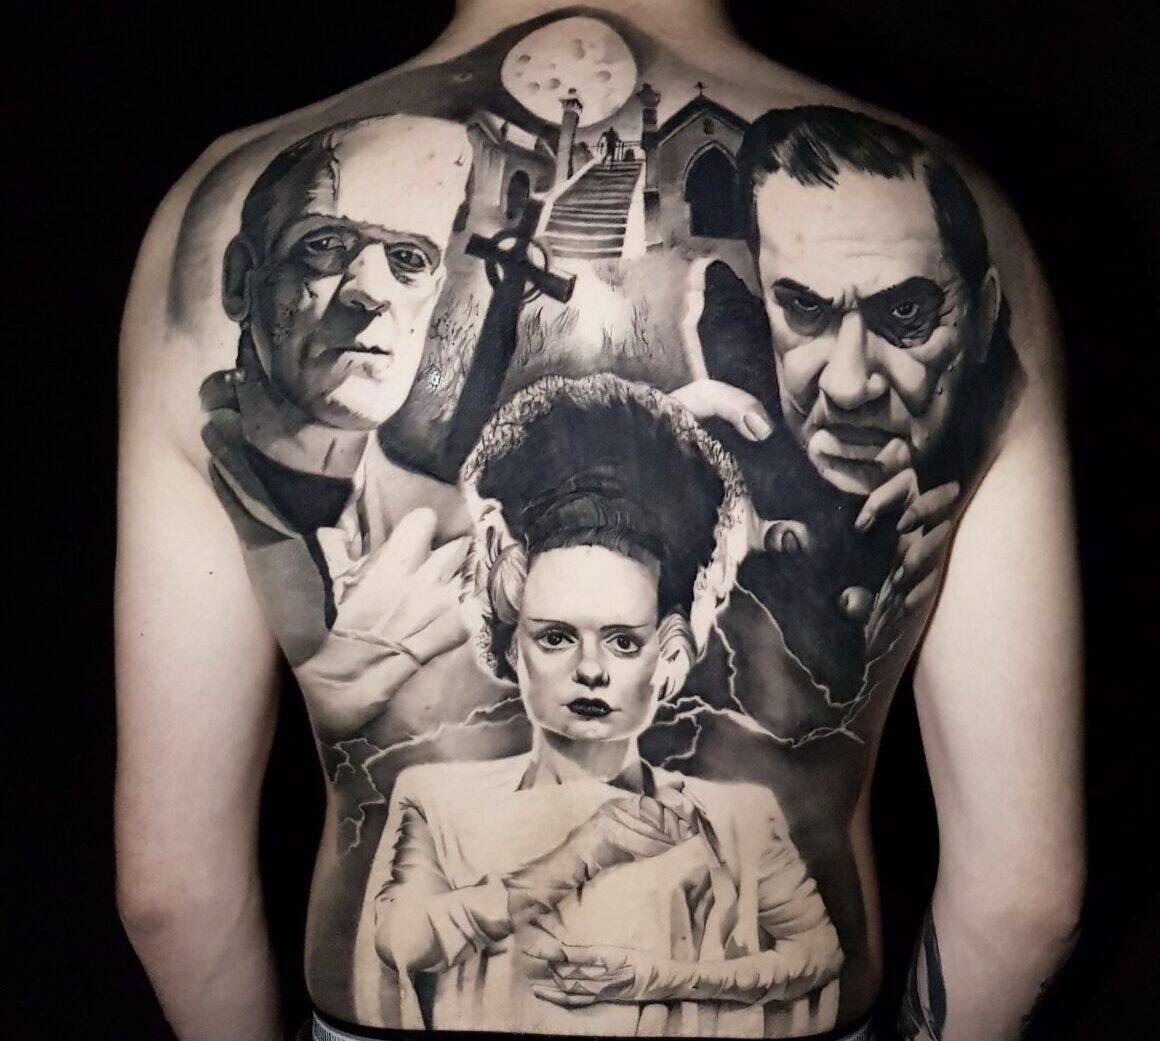 Fabio Guerrreiro, True World Tattoo, Albufeira, Portugal